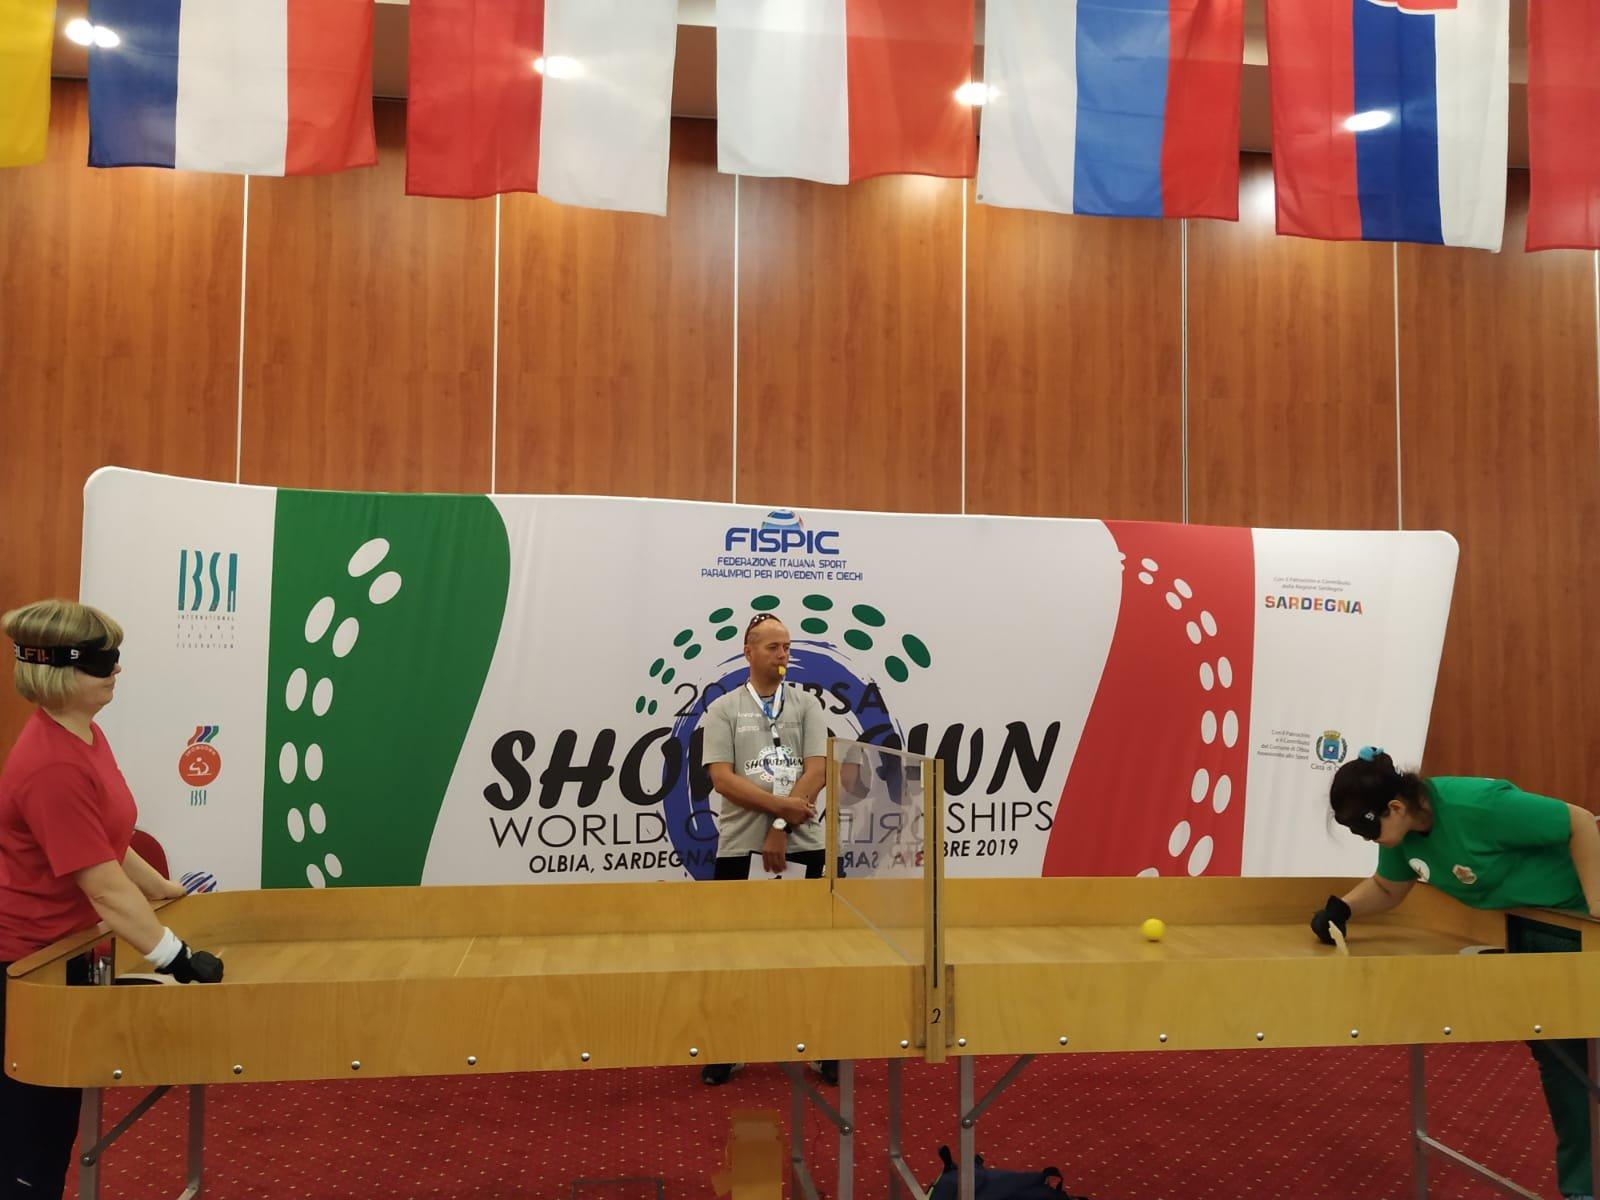 Italia protagonista nella prima giornata dei Mondiali IBSA si Showdown, al Geovillage di Olbia.